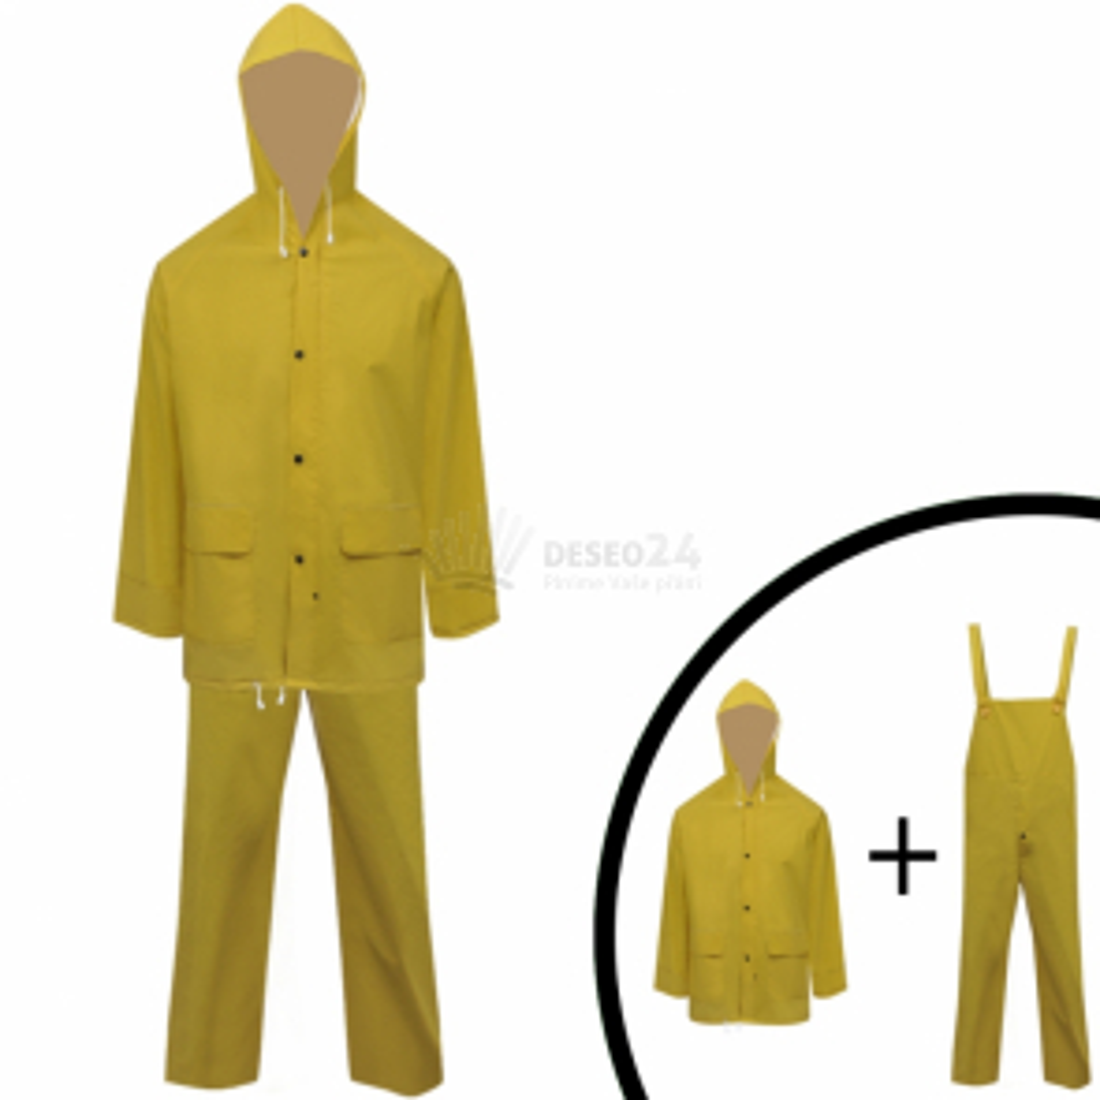 Nepromokavý oblek do deště, dvoudílný žlutý, vel. XXL